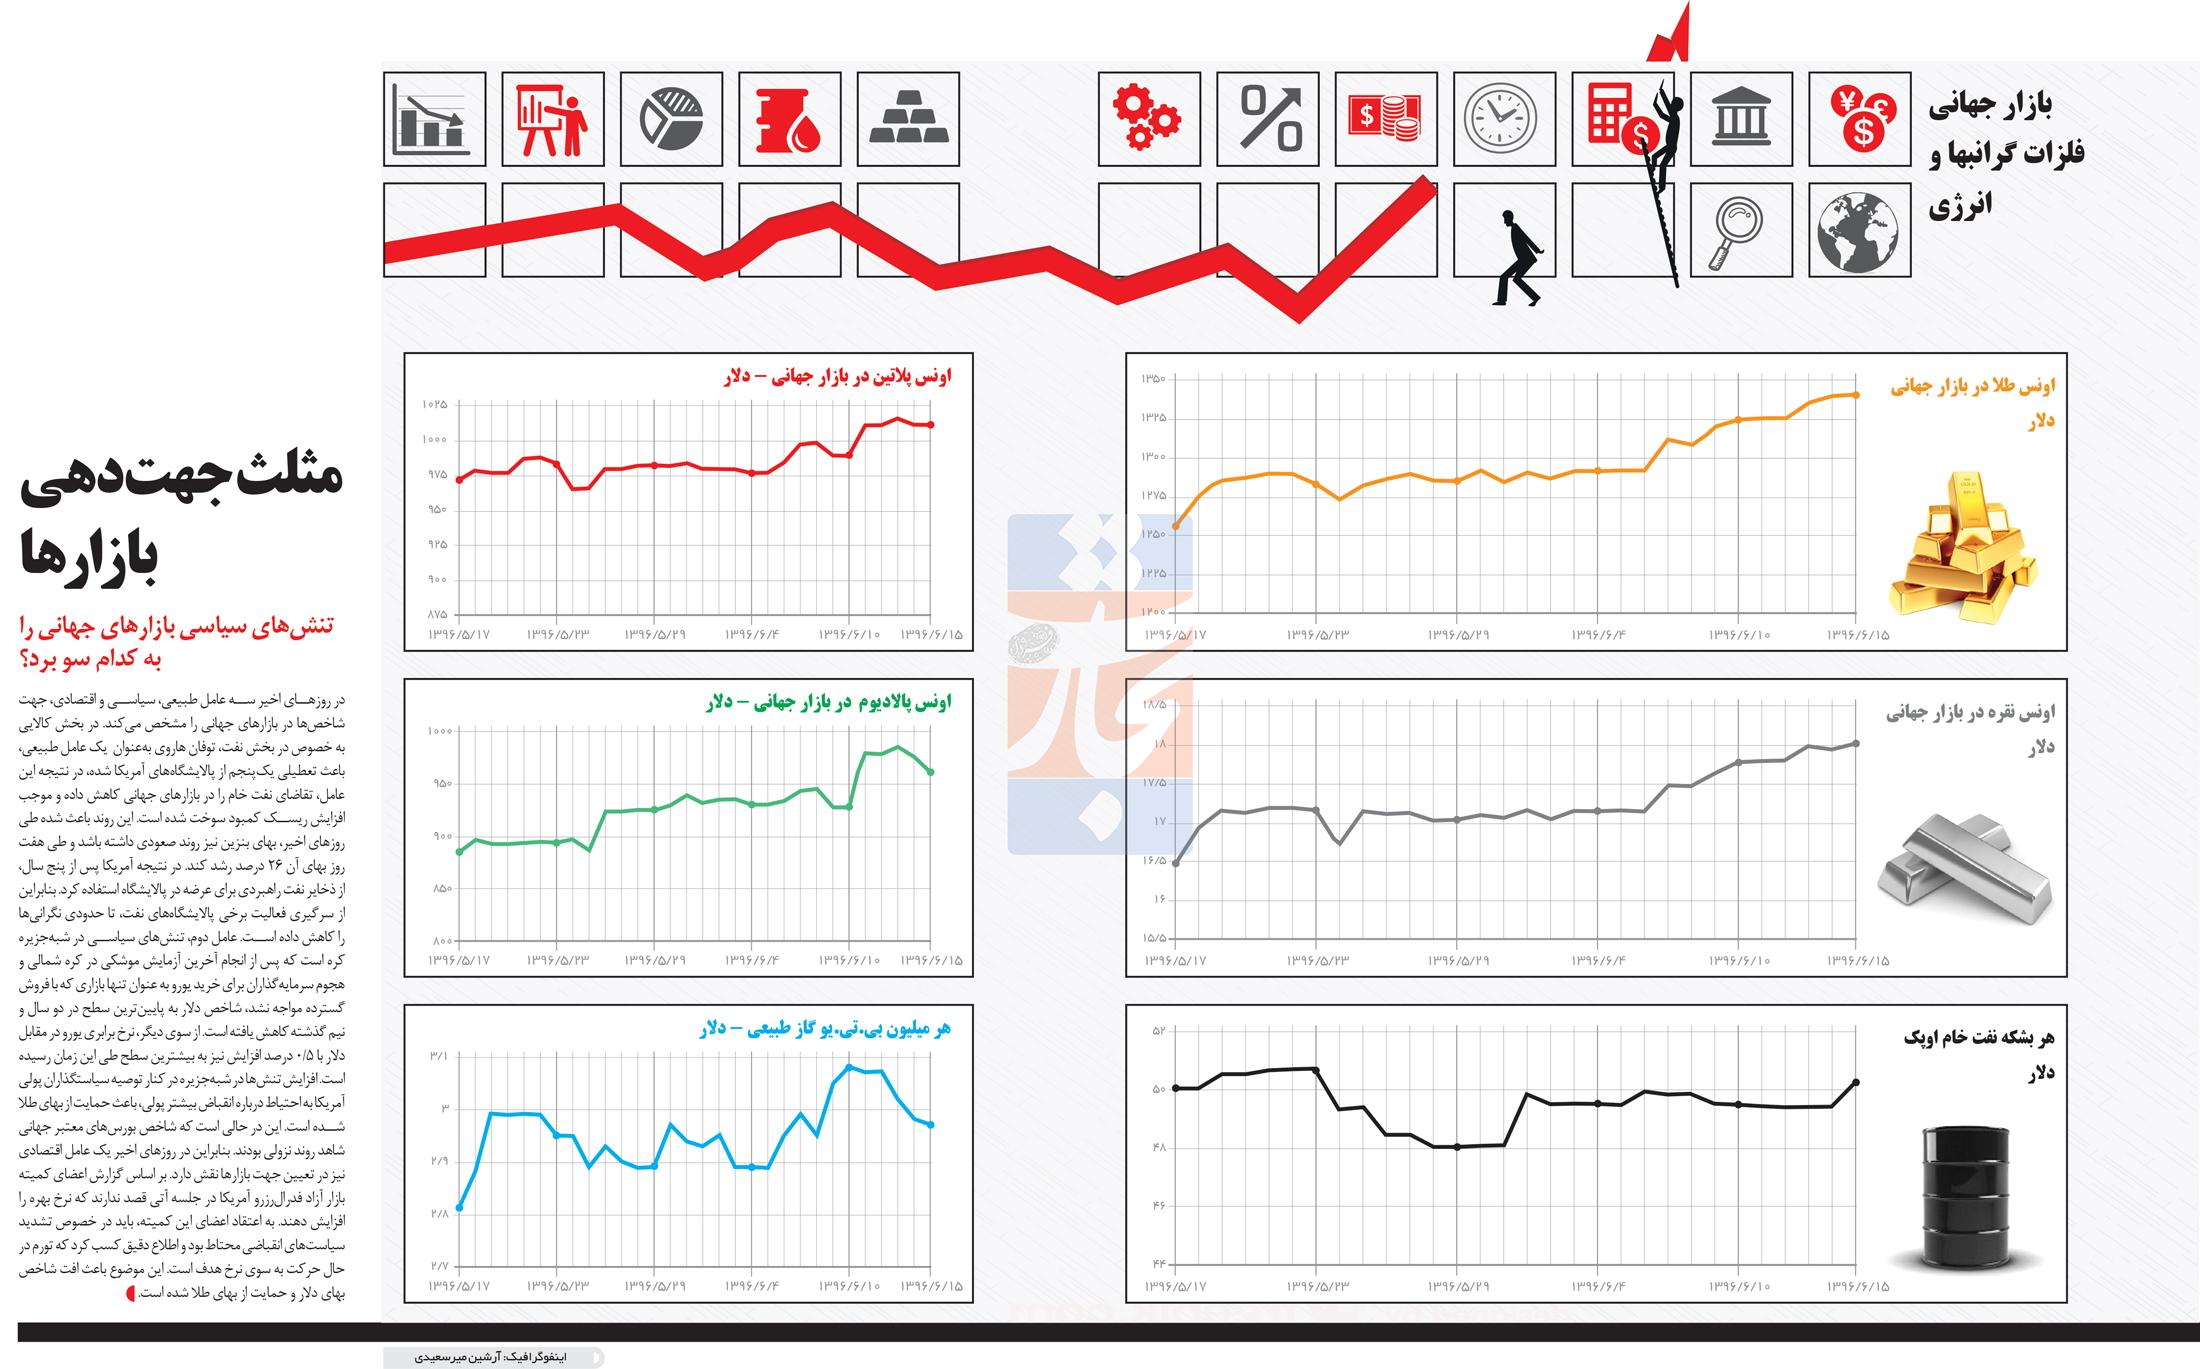 تجارت- فردا- مثلث جهتدهی بازارها(اینفوگرافیک)